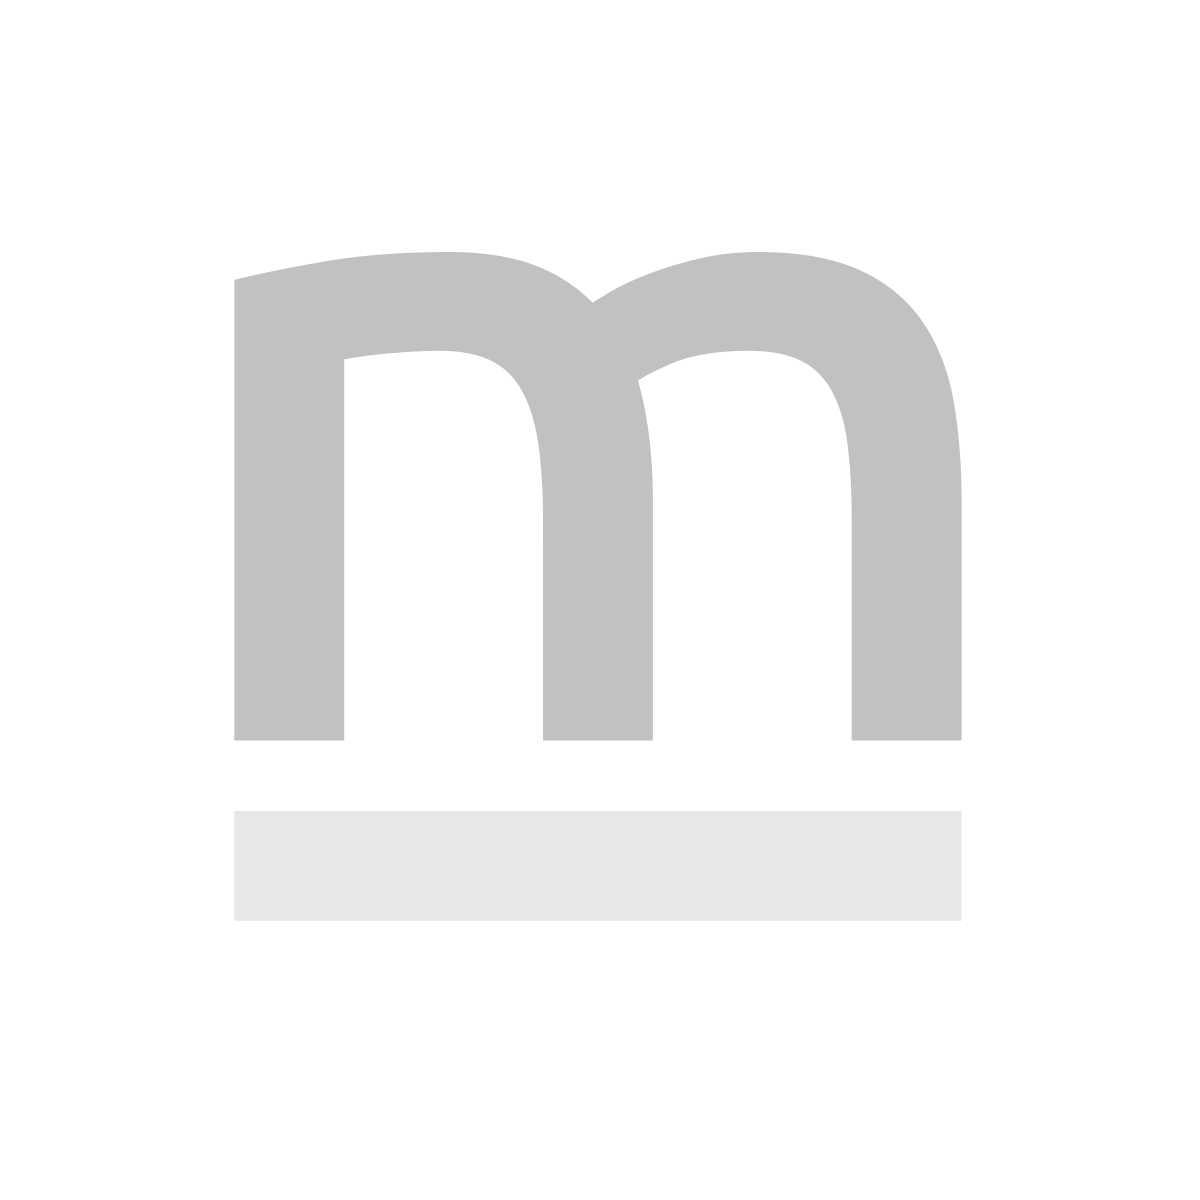 Dywan dziecięcy BEREBER PETROLEUM 140x200 niebieski